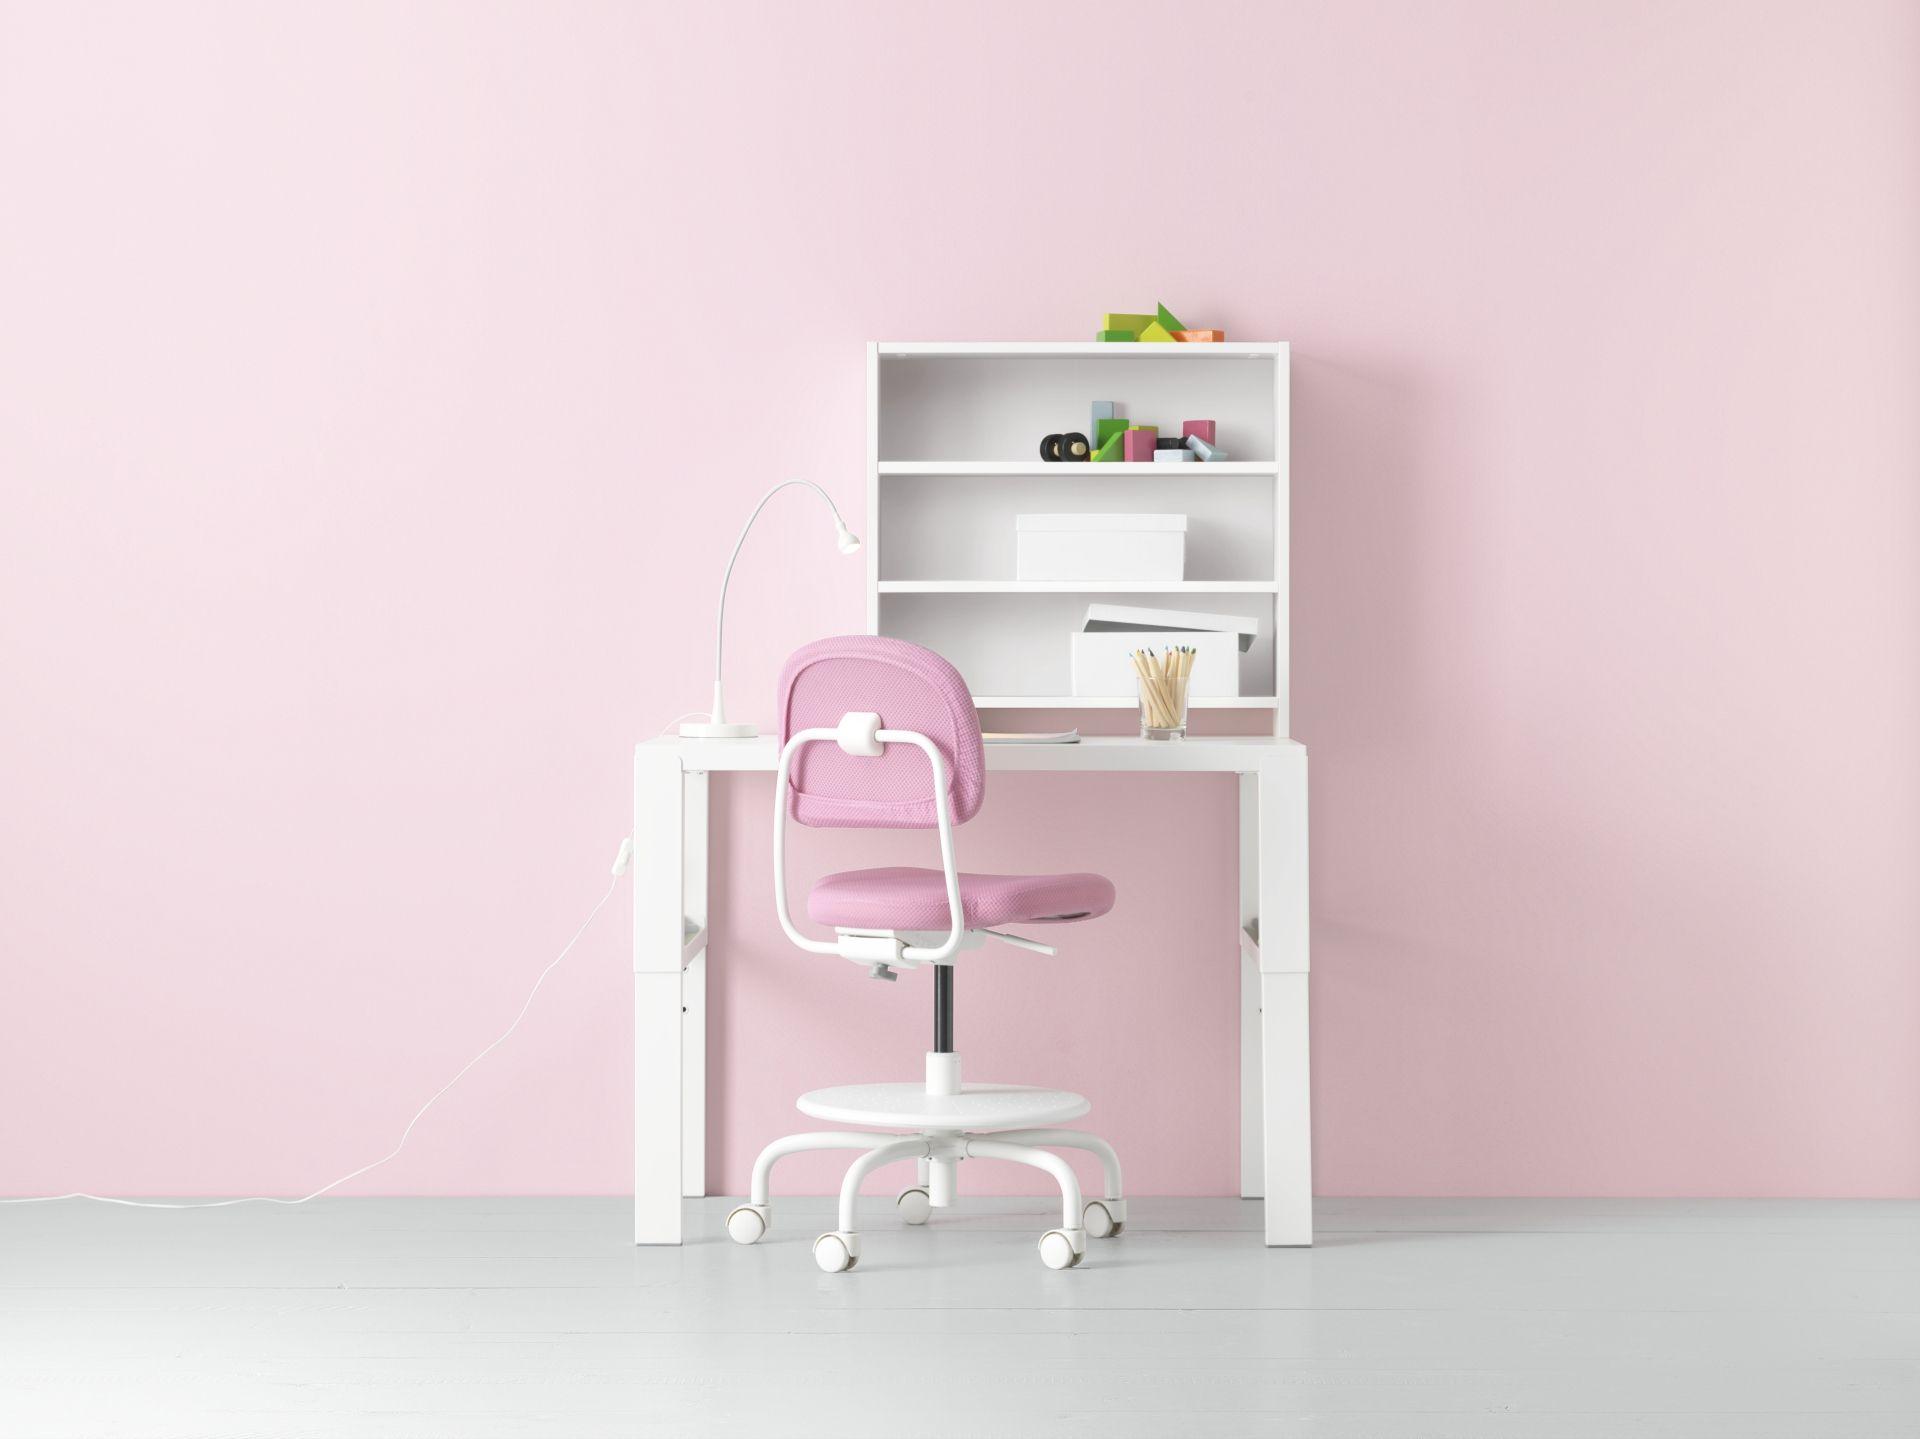 PÅhl bureau met open kastje wit ikea catalogus